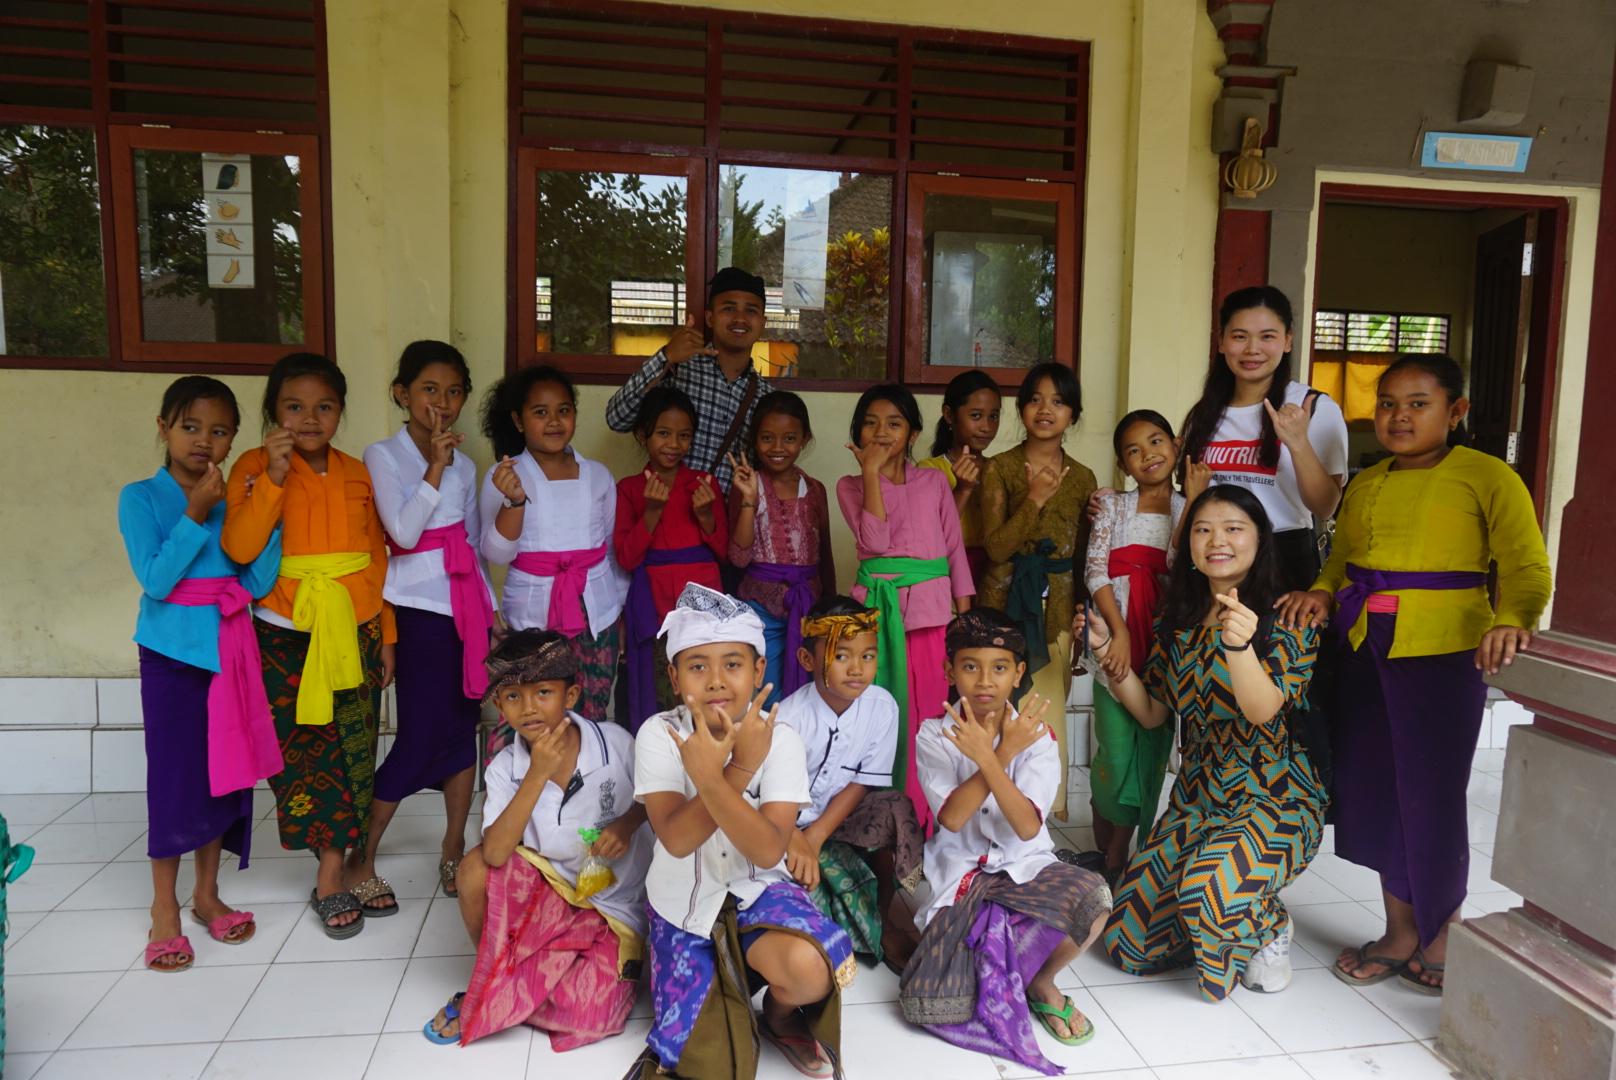 ·文化体验日记 | 巴厘岛的夏日情书_游记